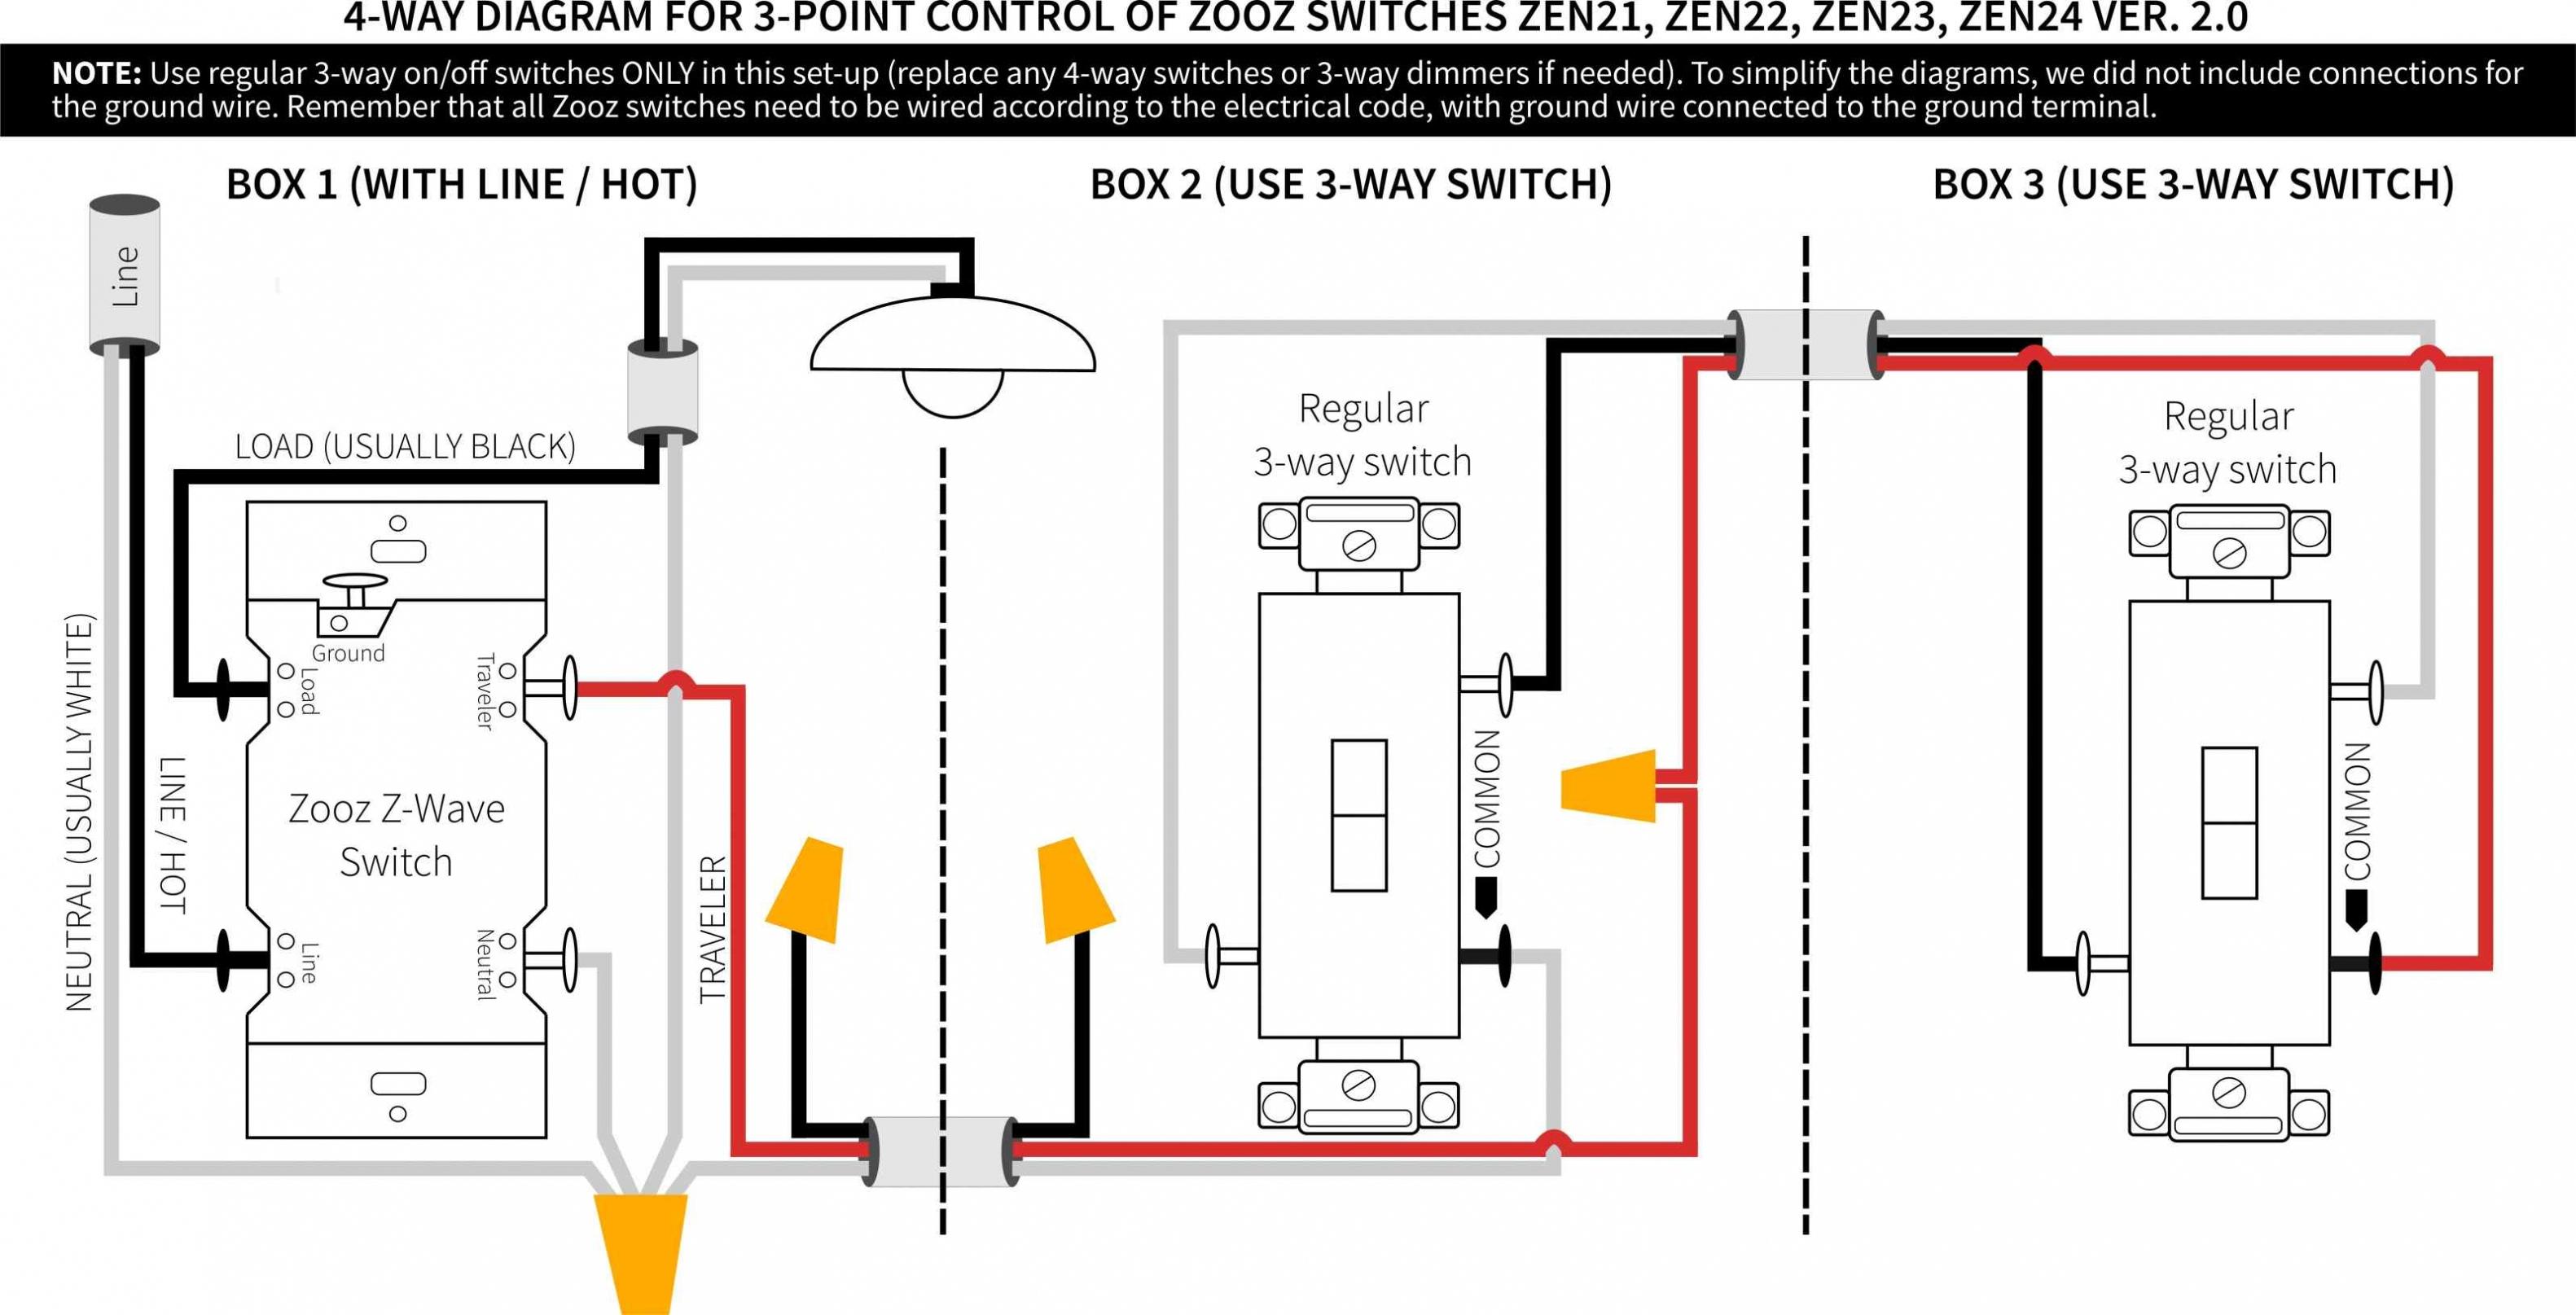 Leviton Schematic Wiring - Data Wiring Diagram Site - Leviton 4 Way Switch Wiring Diagram